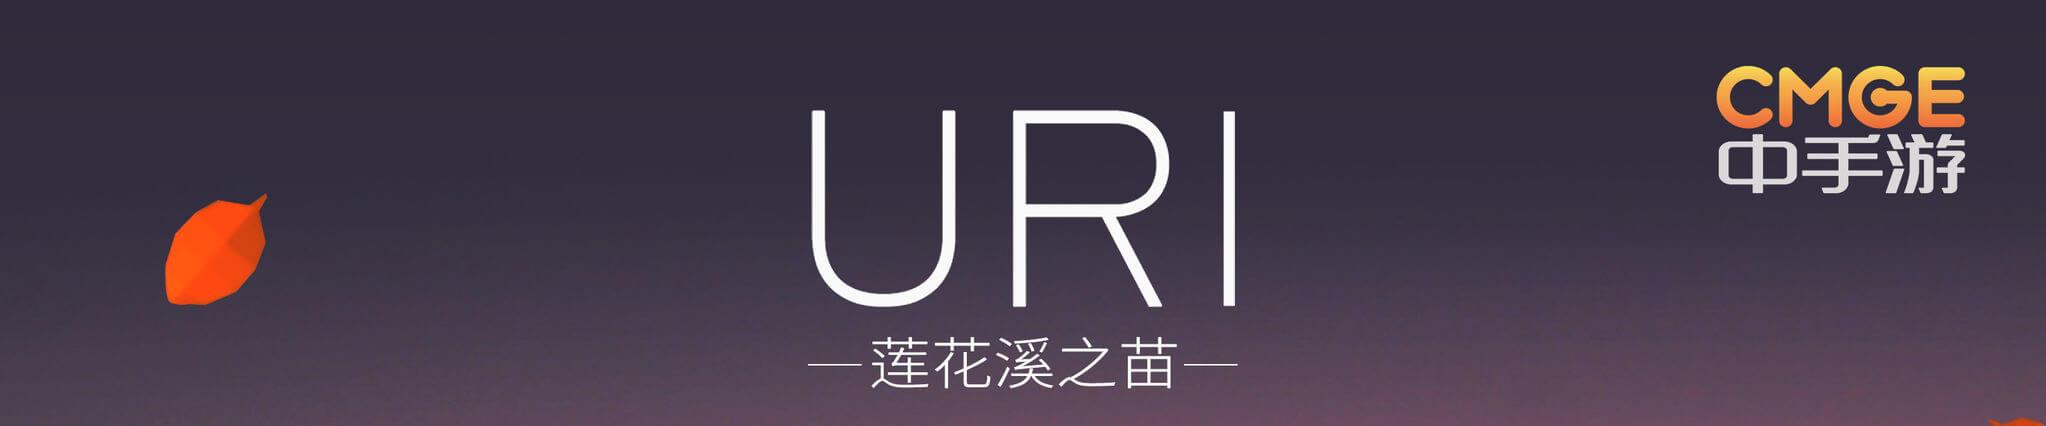 [已购]Uri:莲花溪之苗-草蜢资源